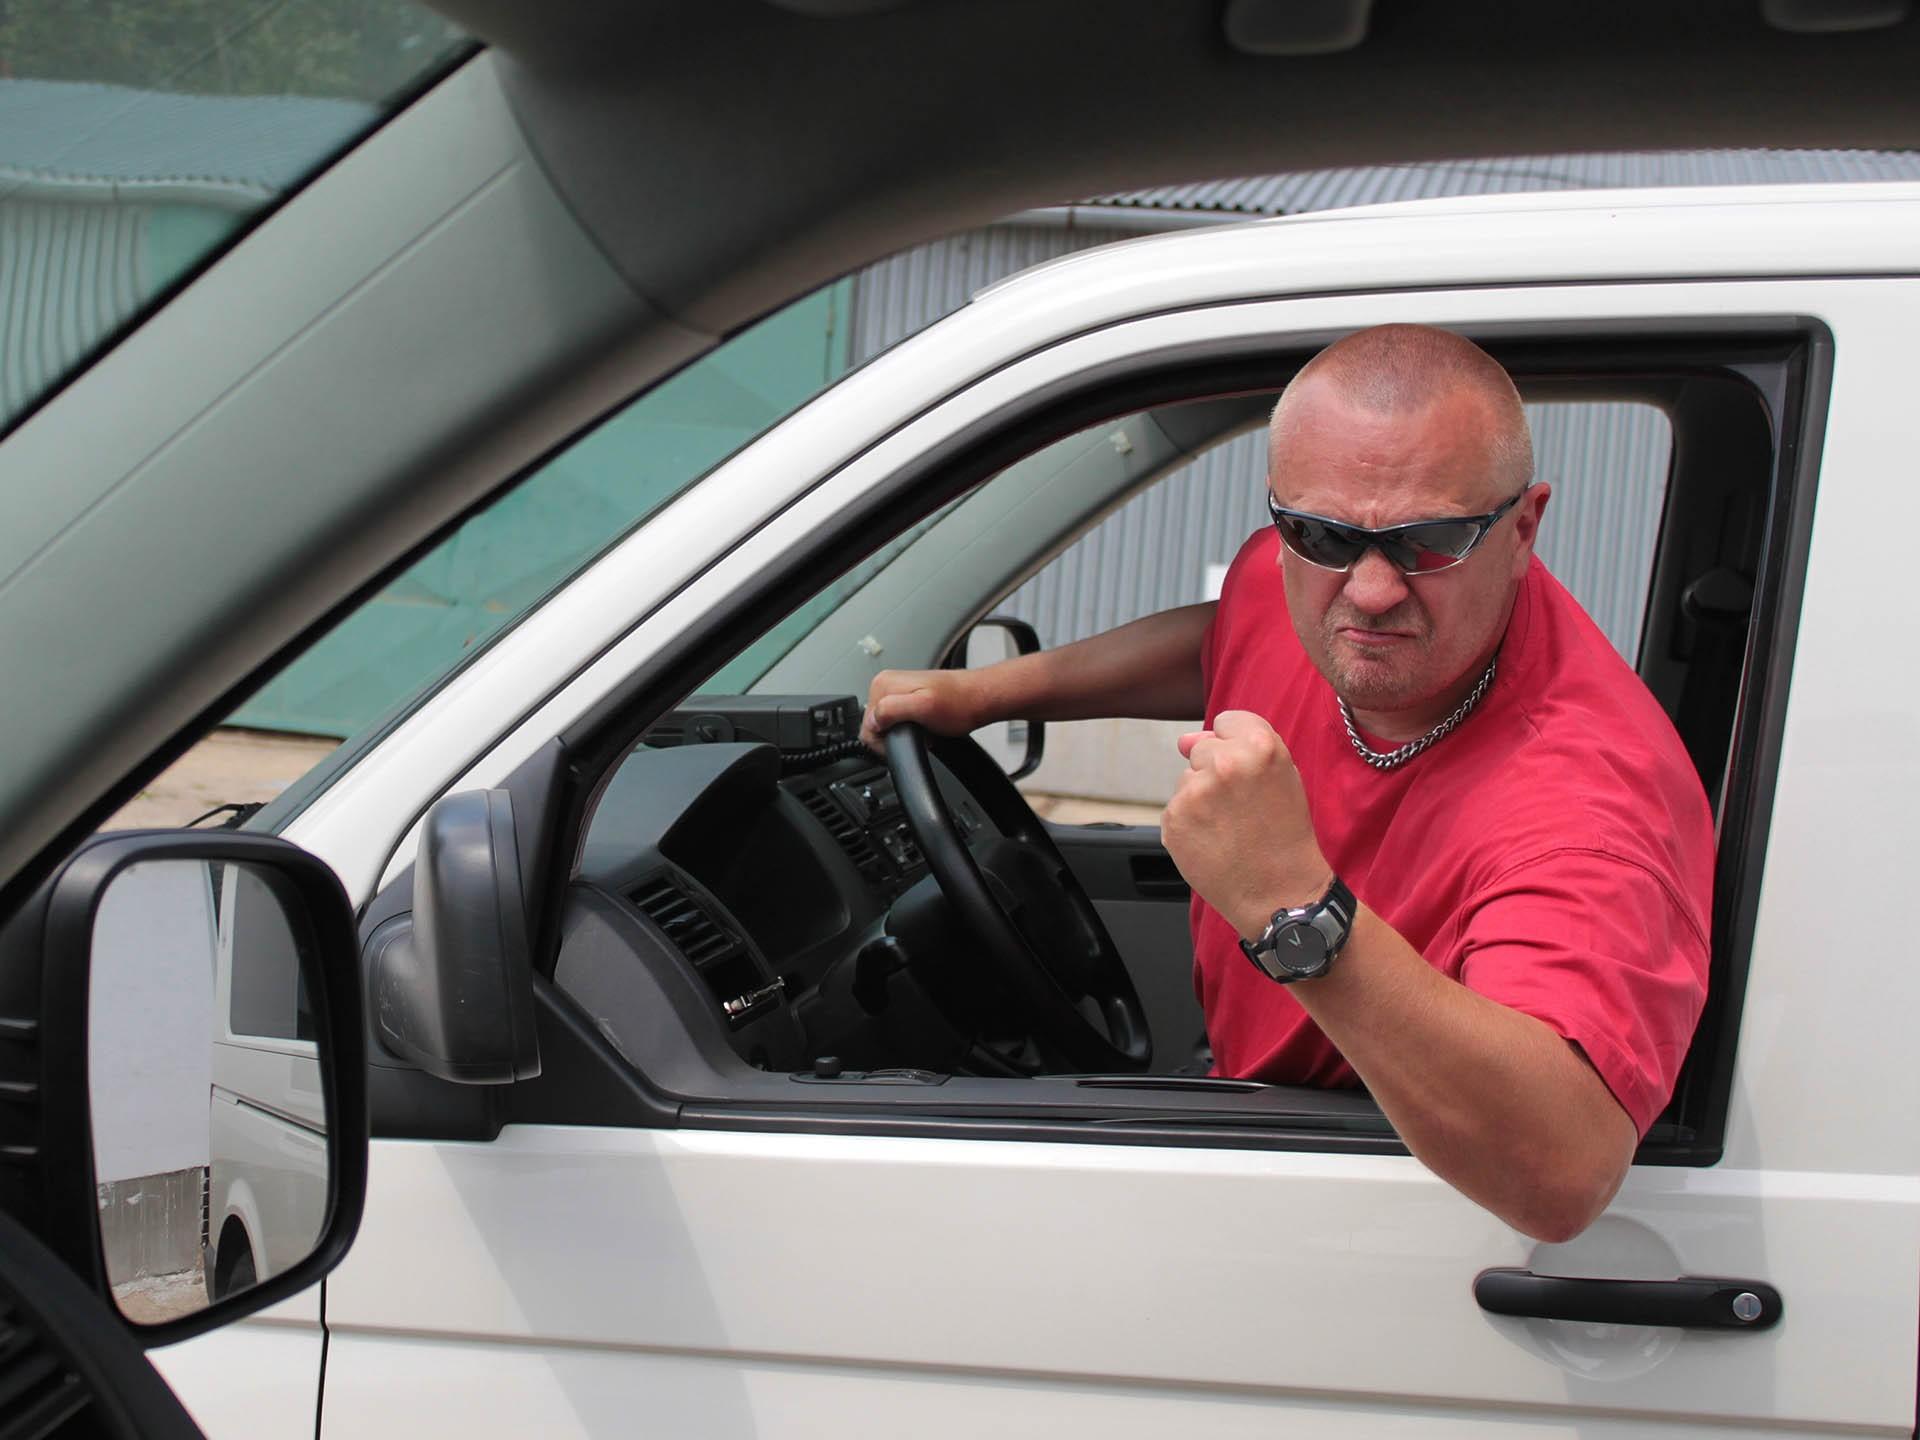 Авито Авто: опрос показал, как автовладельцы оценивают культуру вождения в стране